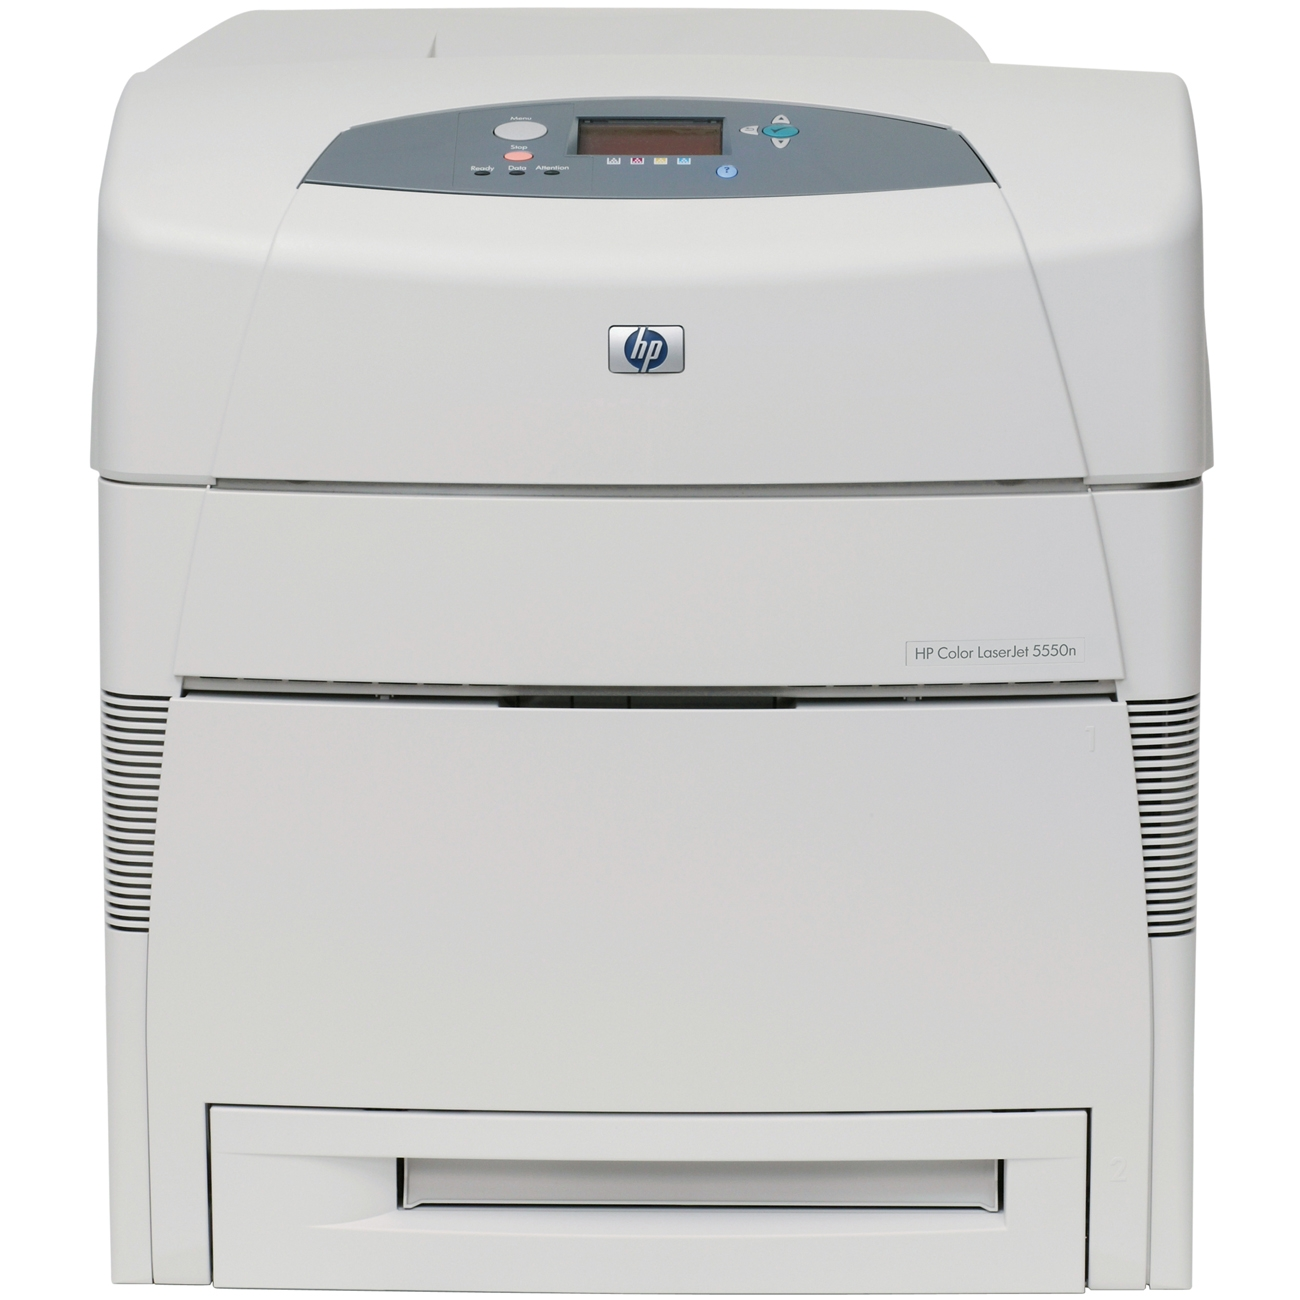 Color Laserjet 5550N